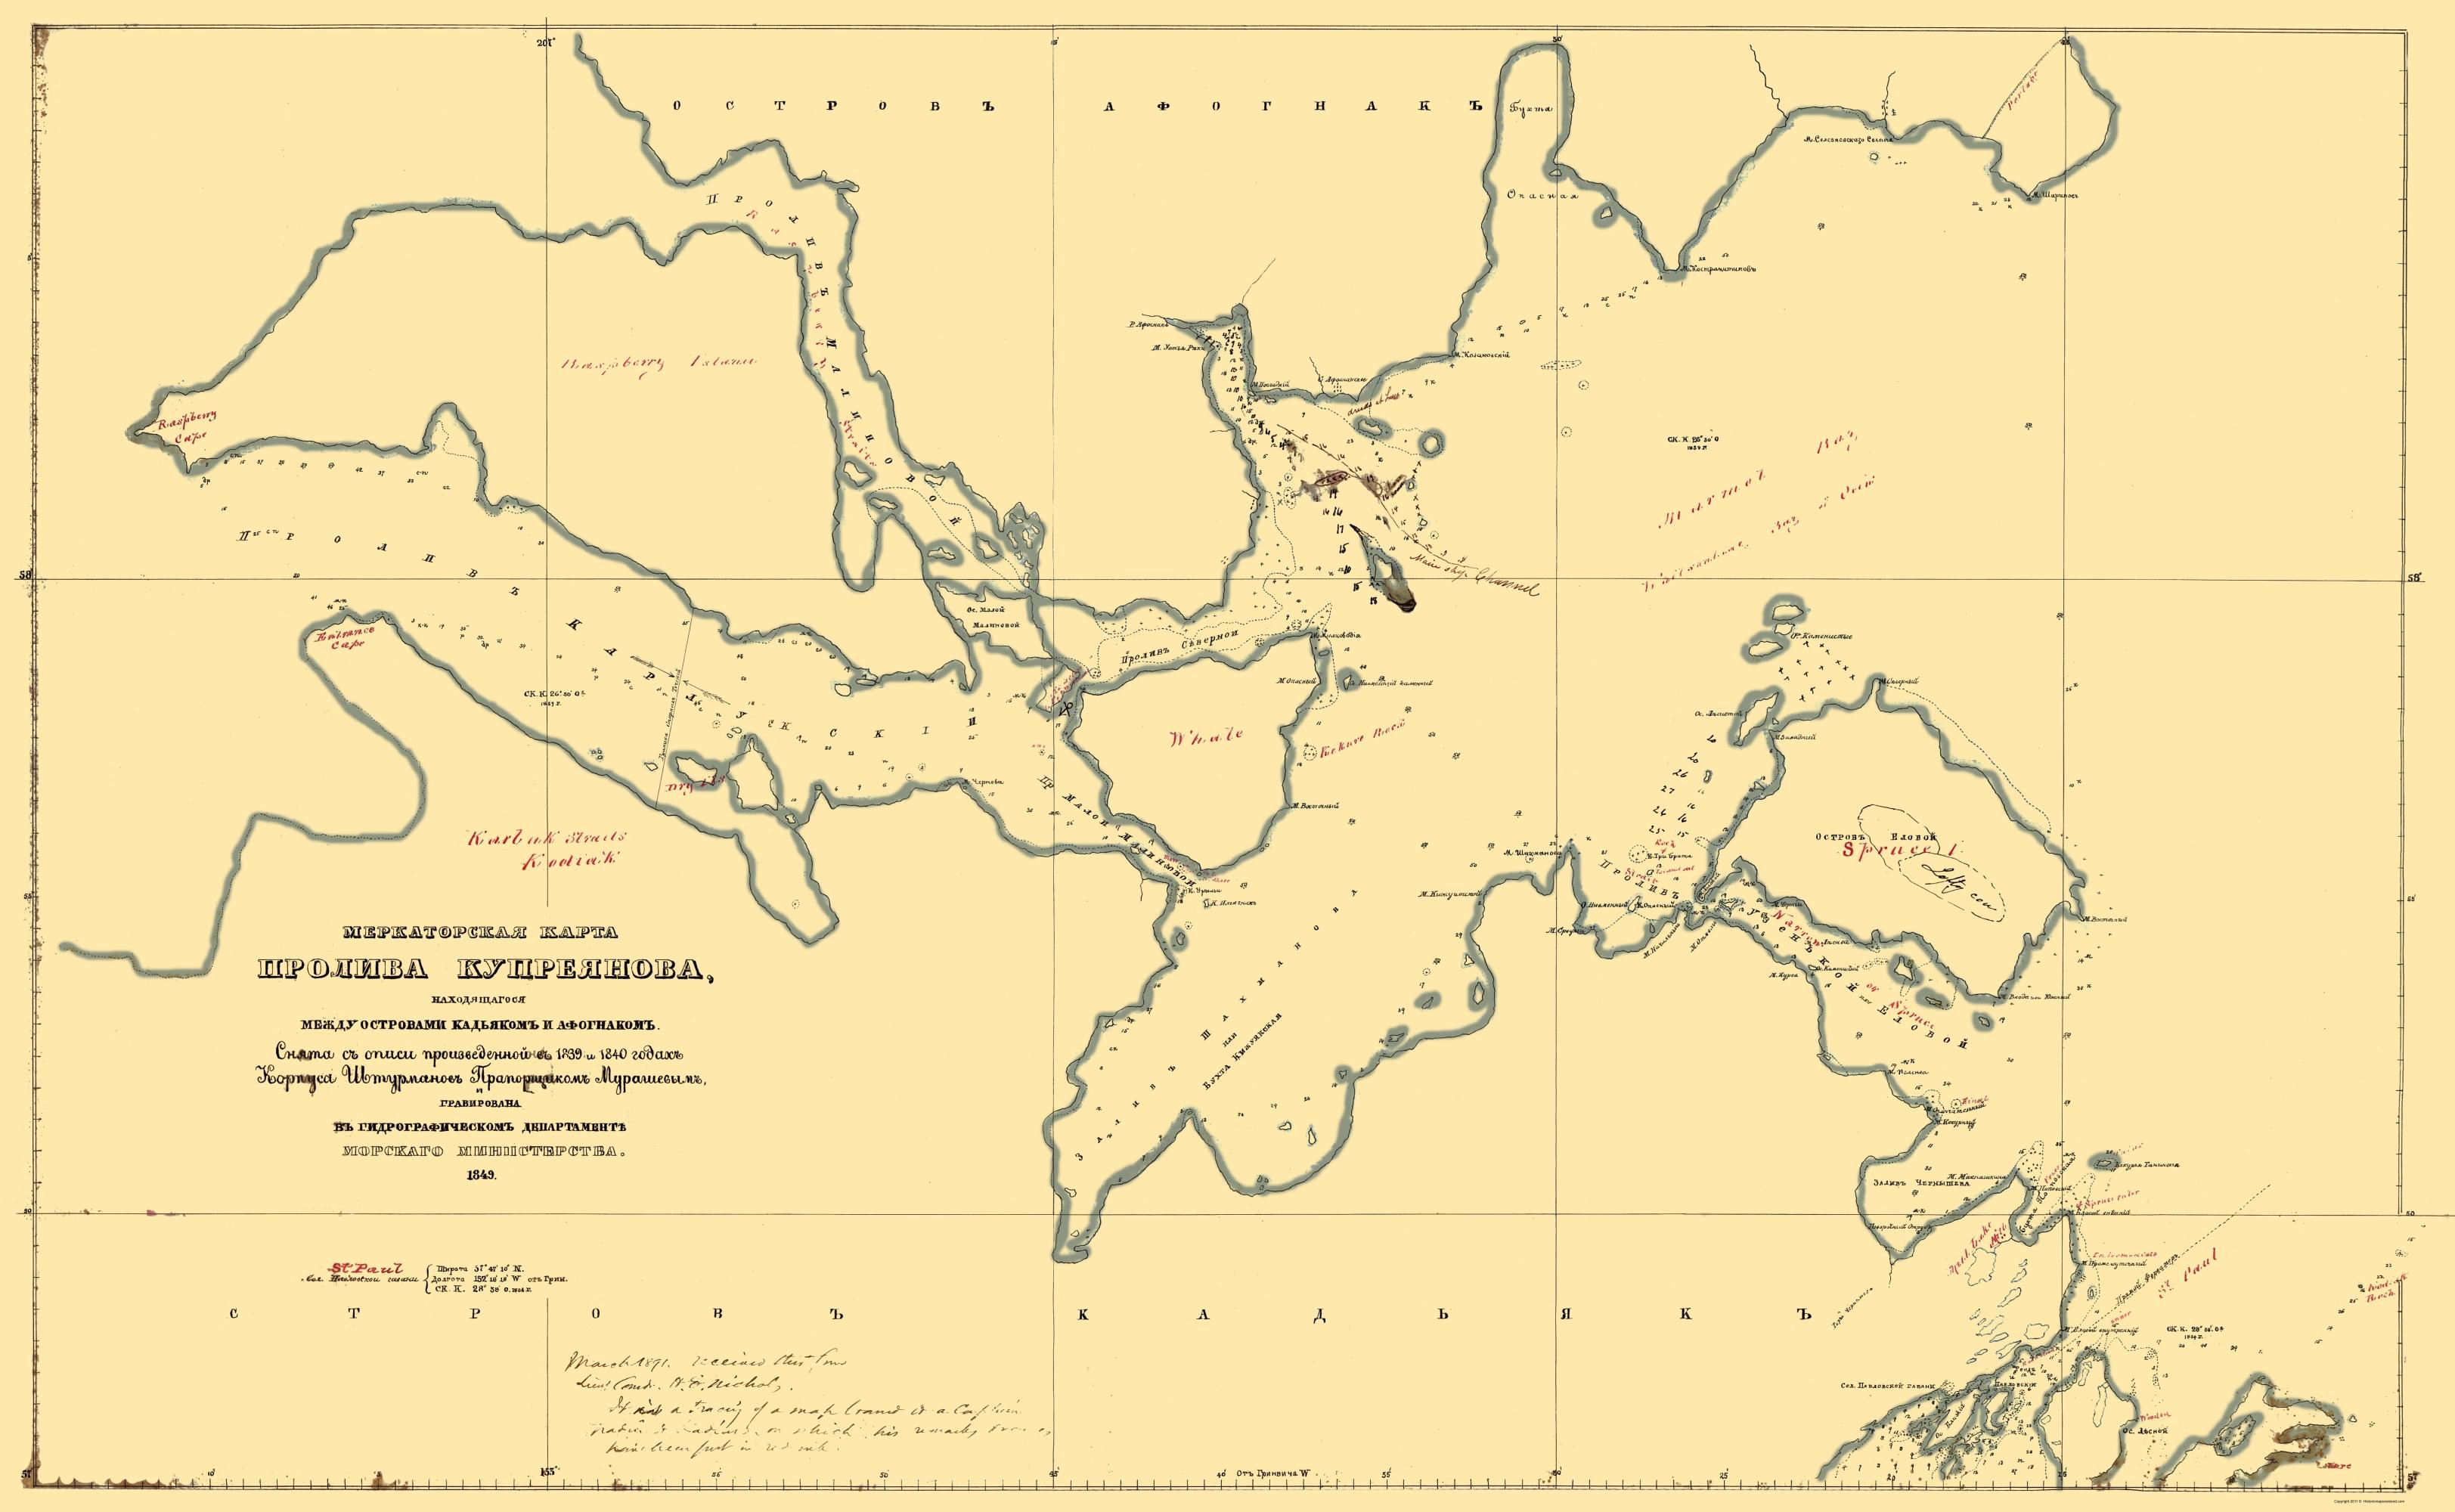 Old State Map - Kodiak Island Alaska - Murashev 1849 - 23 x 37.35 on maui map, south of azov world map, douglas island map, st. michael island map, viking island map, prince edward island map, brunswick island map, orange island map, virginia island map, philadelphia island map, new orleans island map, eastern gulf coast map, alaska map, sitka map, death valley map, st. paul island map, spruce island map, raspberry island map, chitina river map, manzanillo island map,